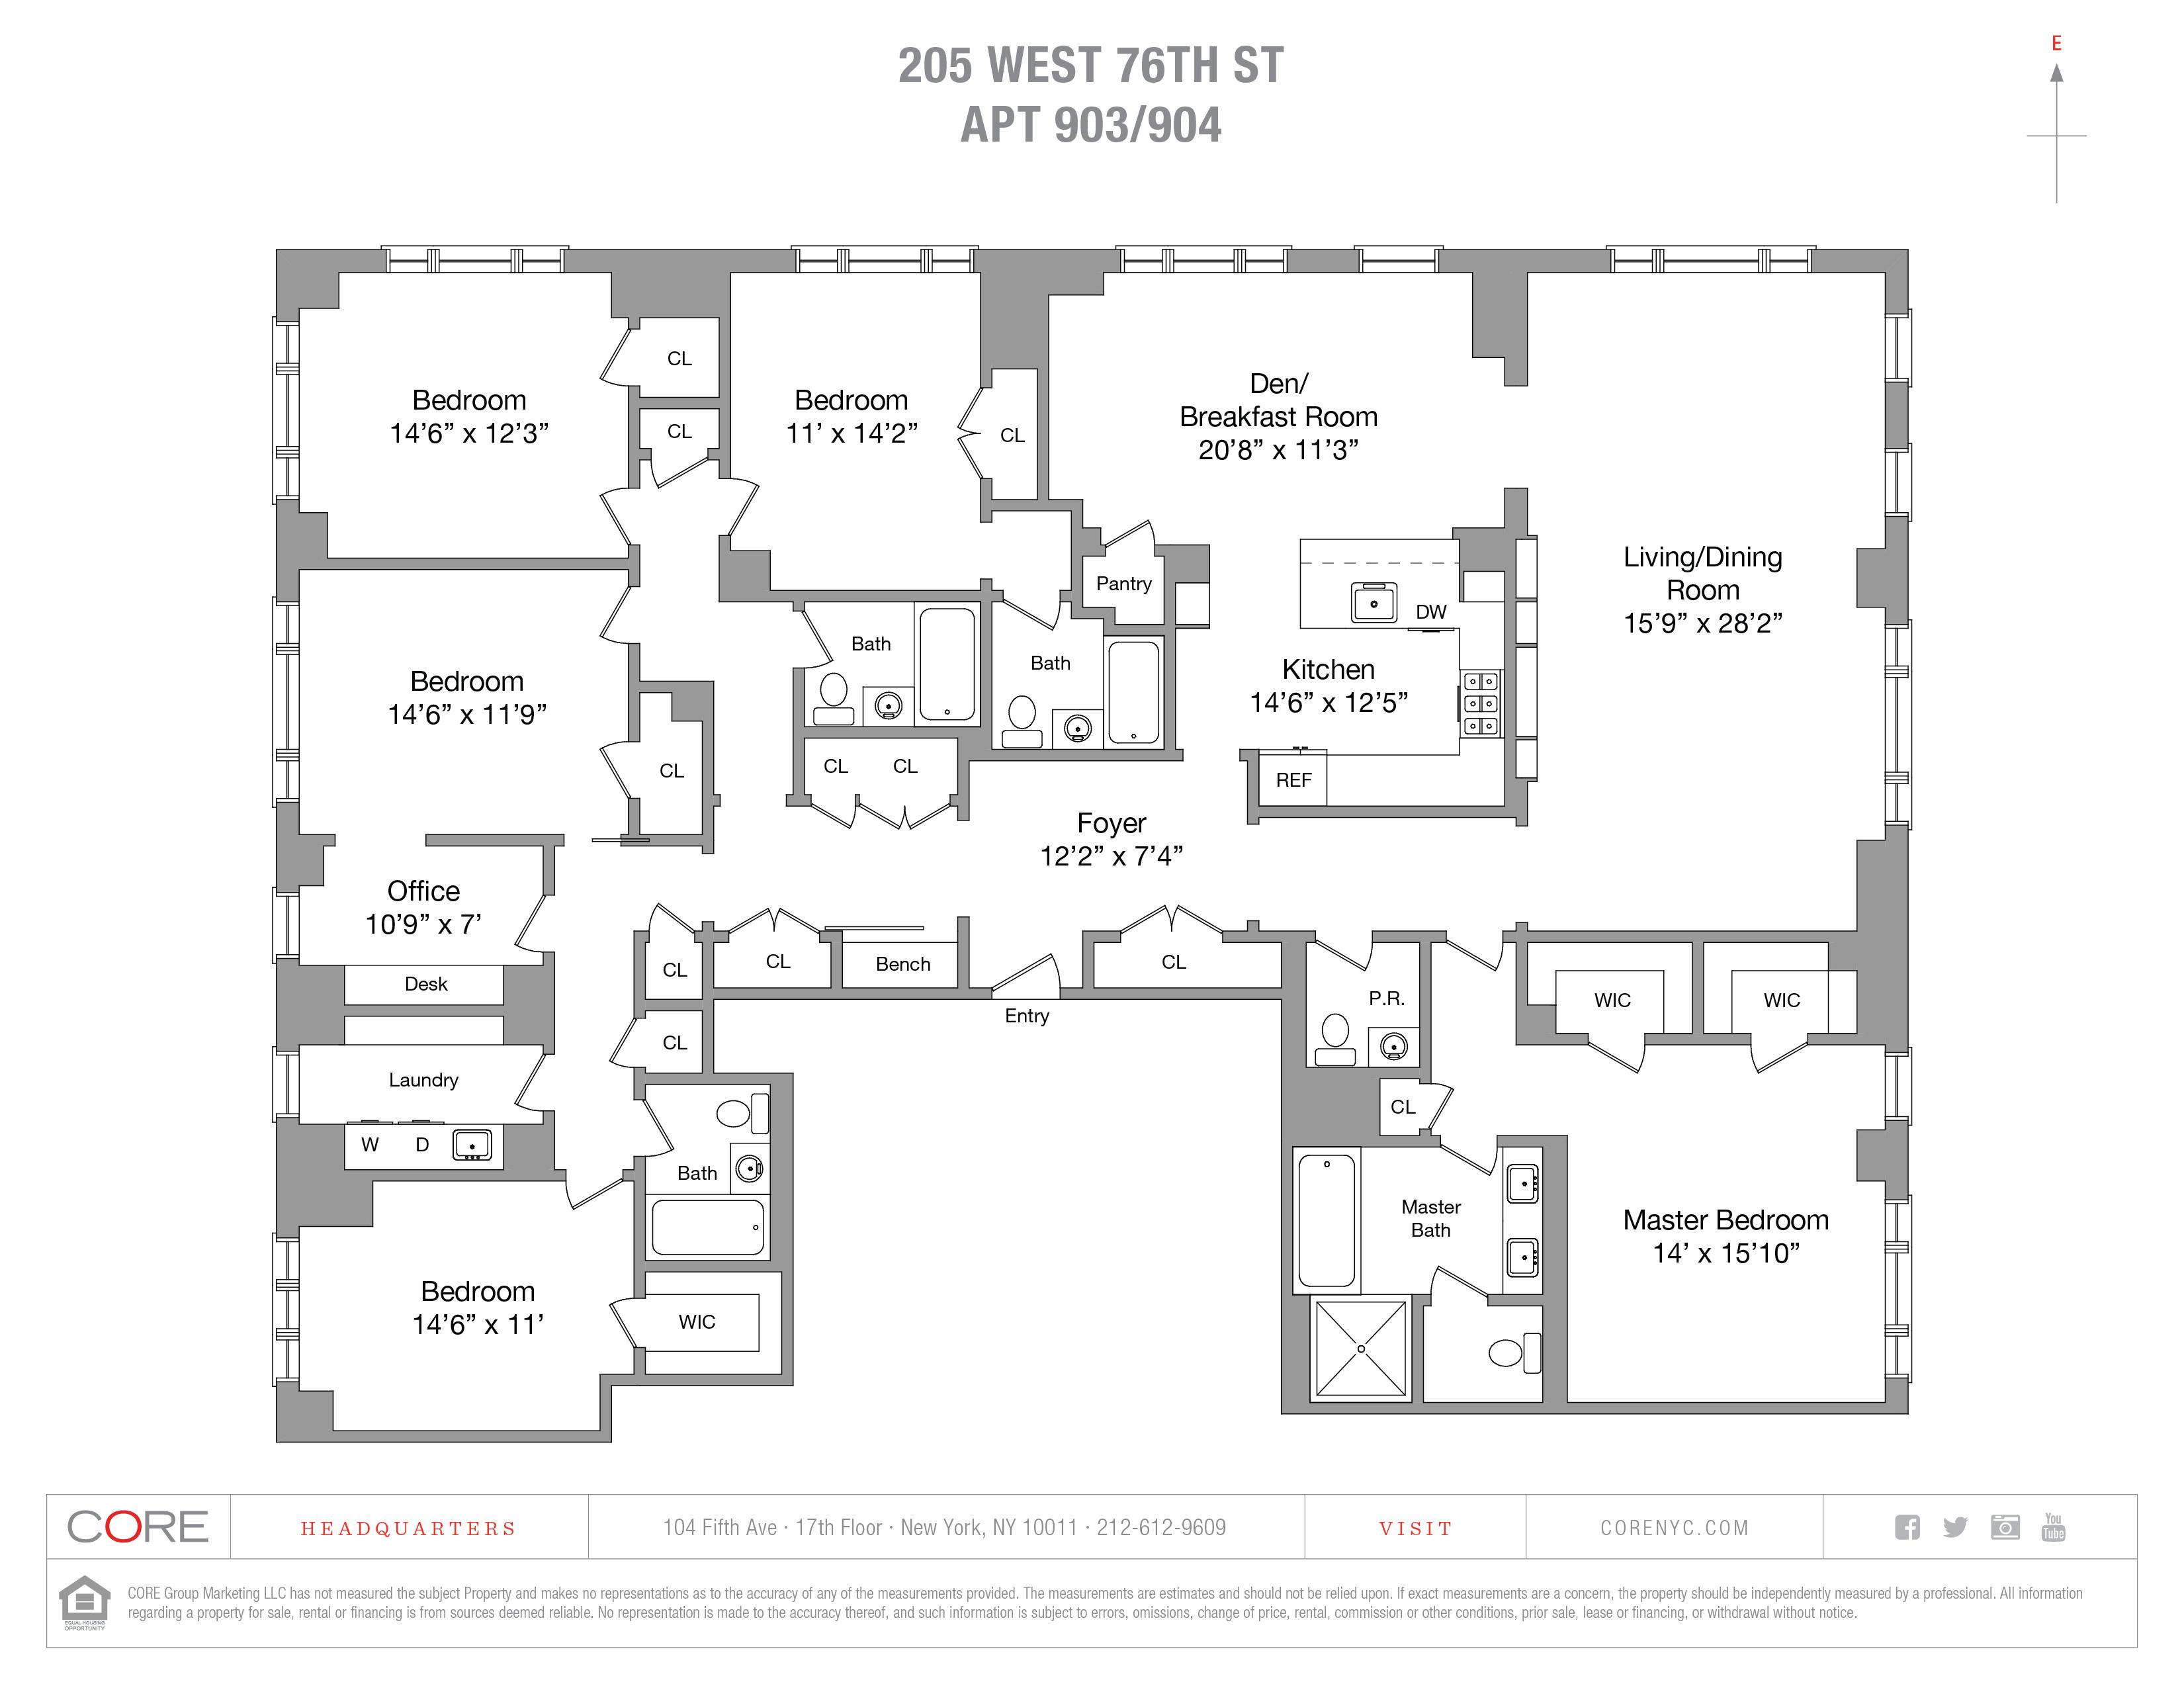 205 West 76th St. 903/904, New York, NY 10024